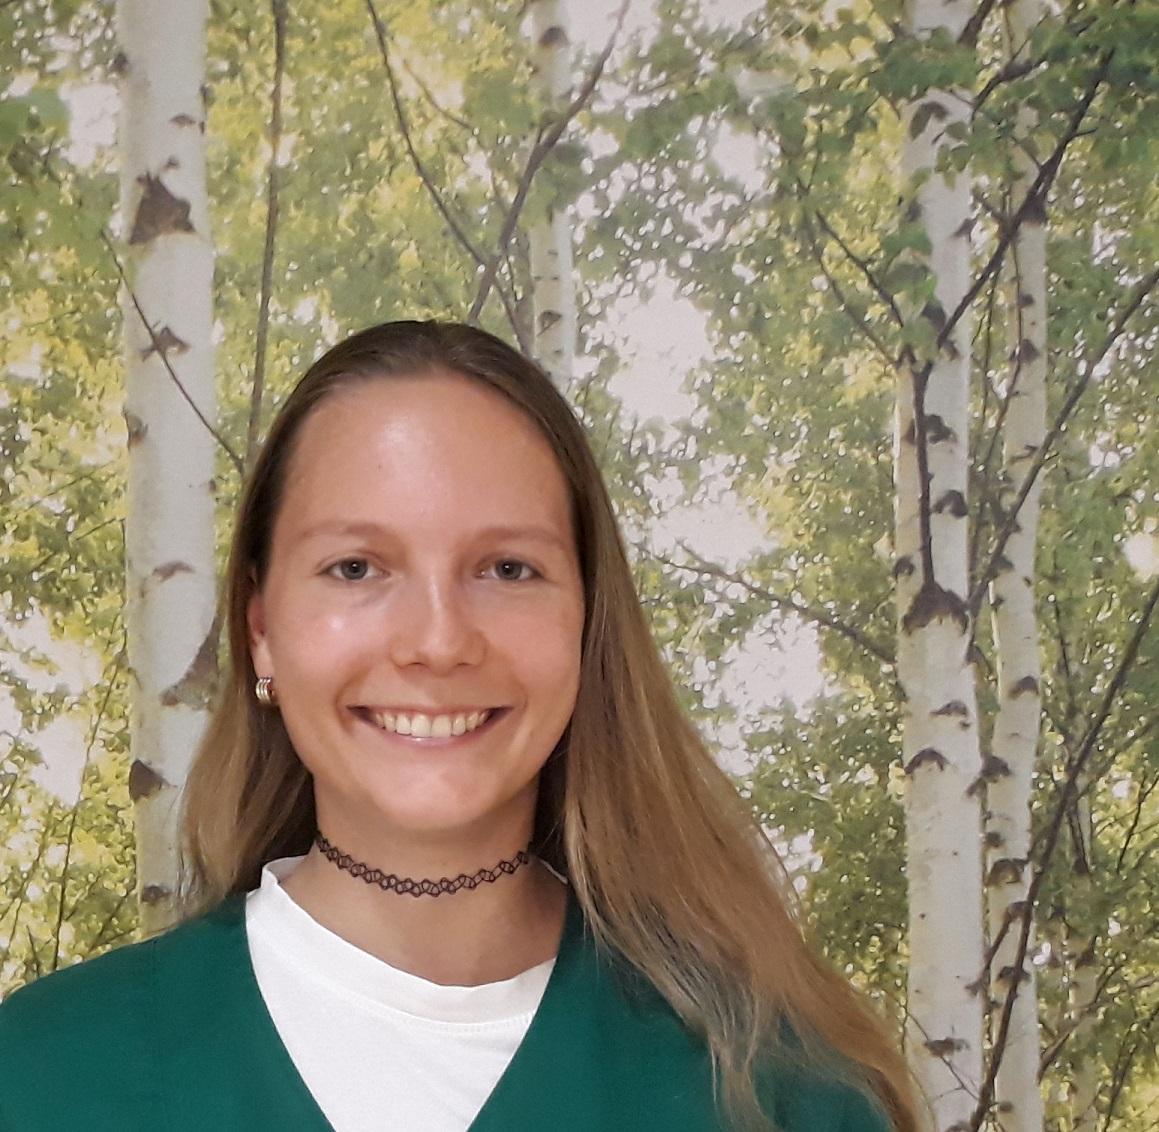 Angela Salewski